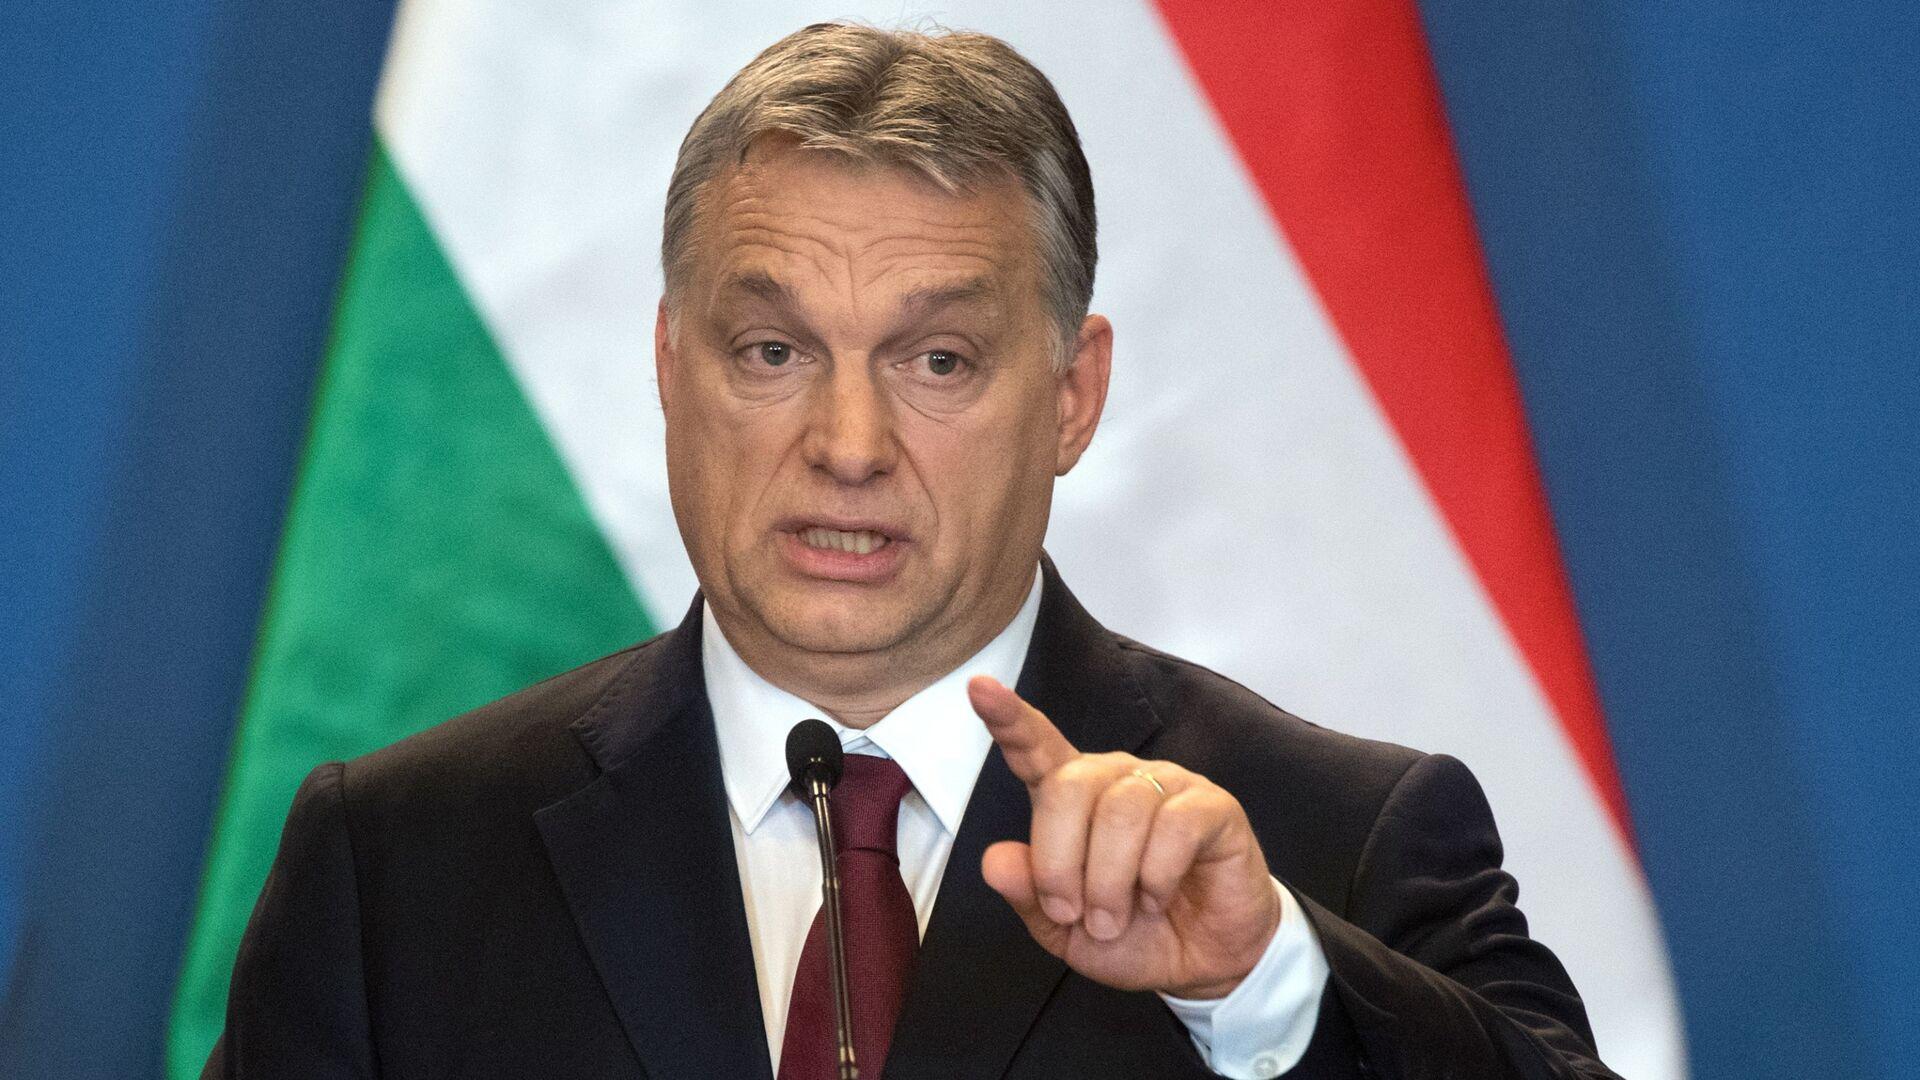 Maďarský premiér Viktor Orbán - Sputnik Česká republika, 1920, 13.07.2021